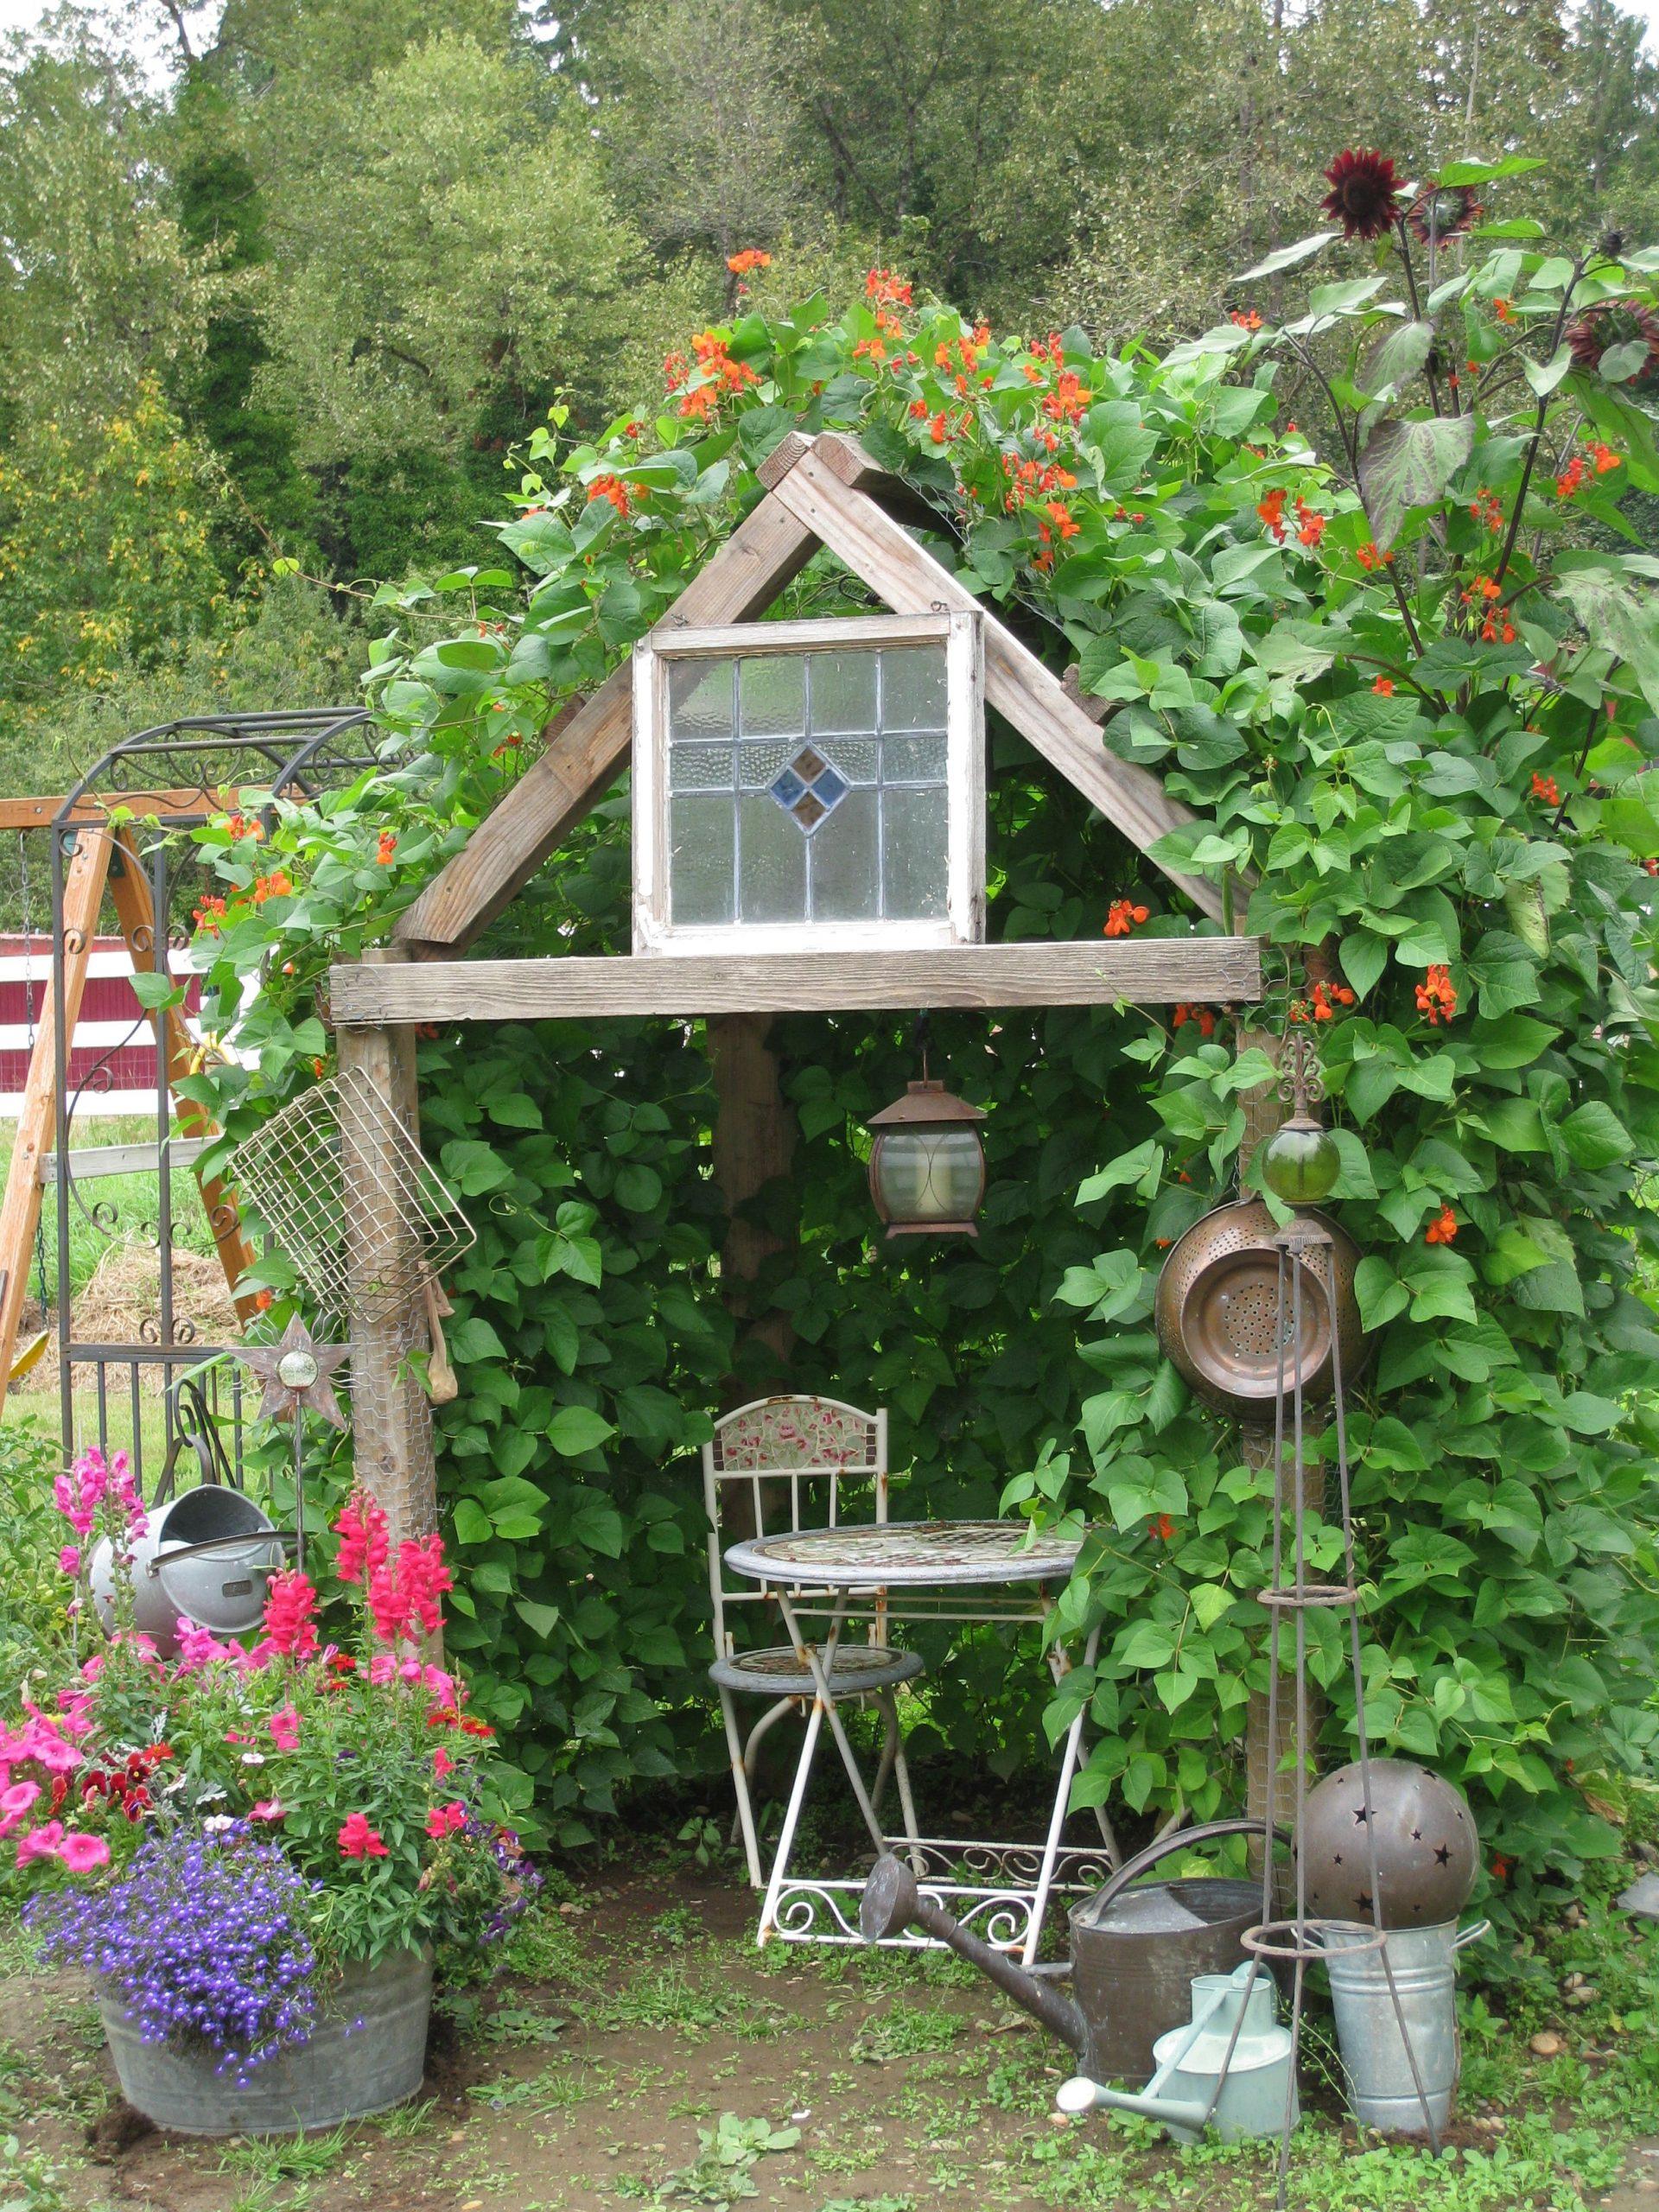 Quelle Belle Façon De Faire Une Cabane Pour Nos Tout Petits ... avec Faire Une Cabane De Jardin